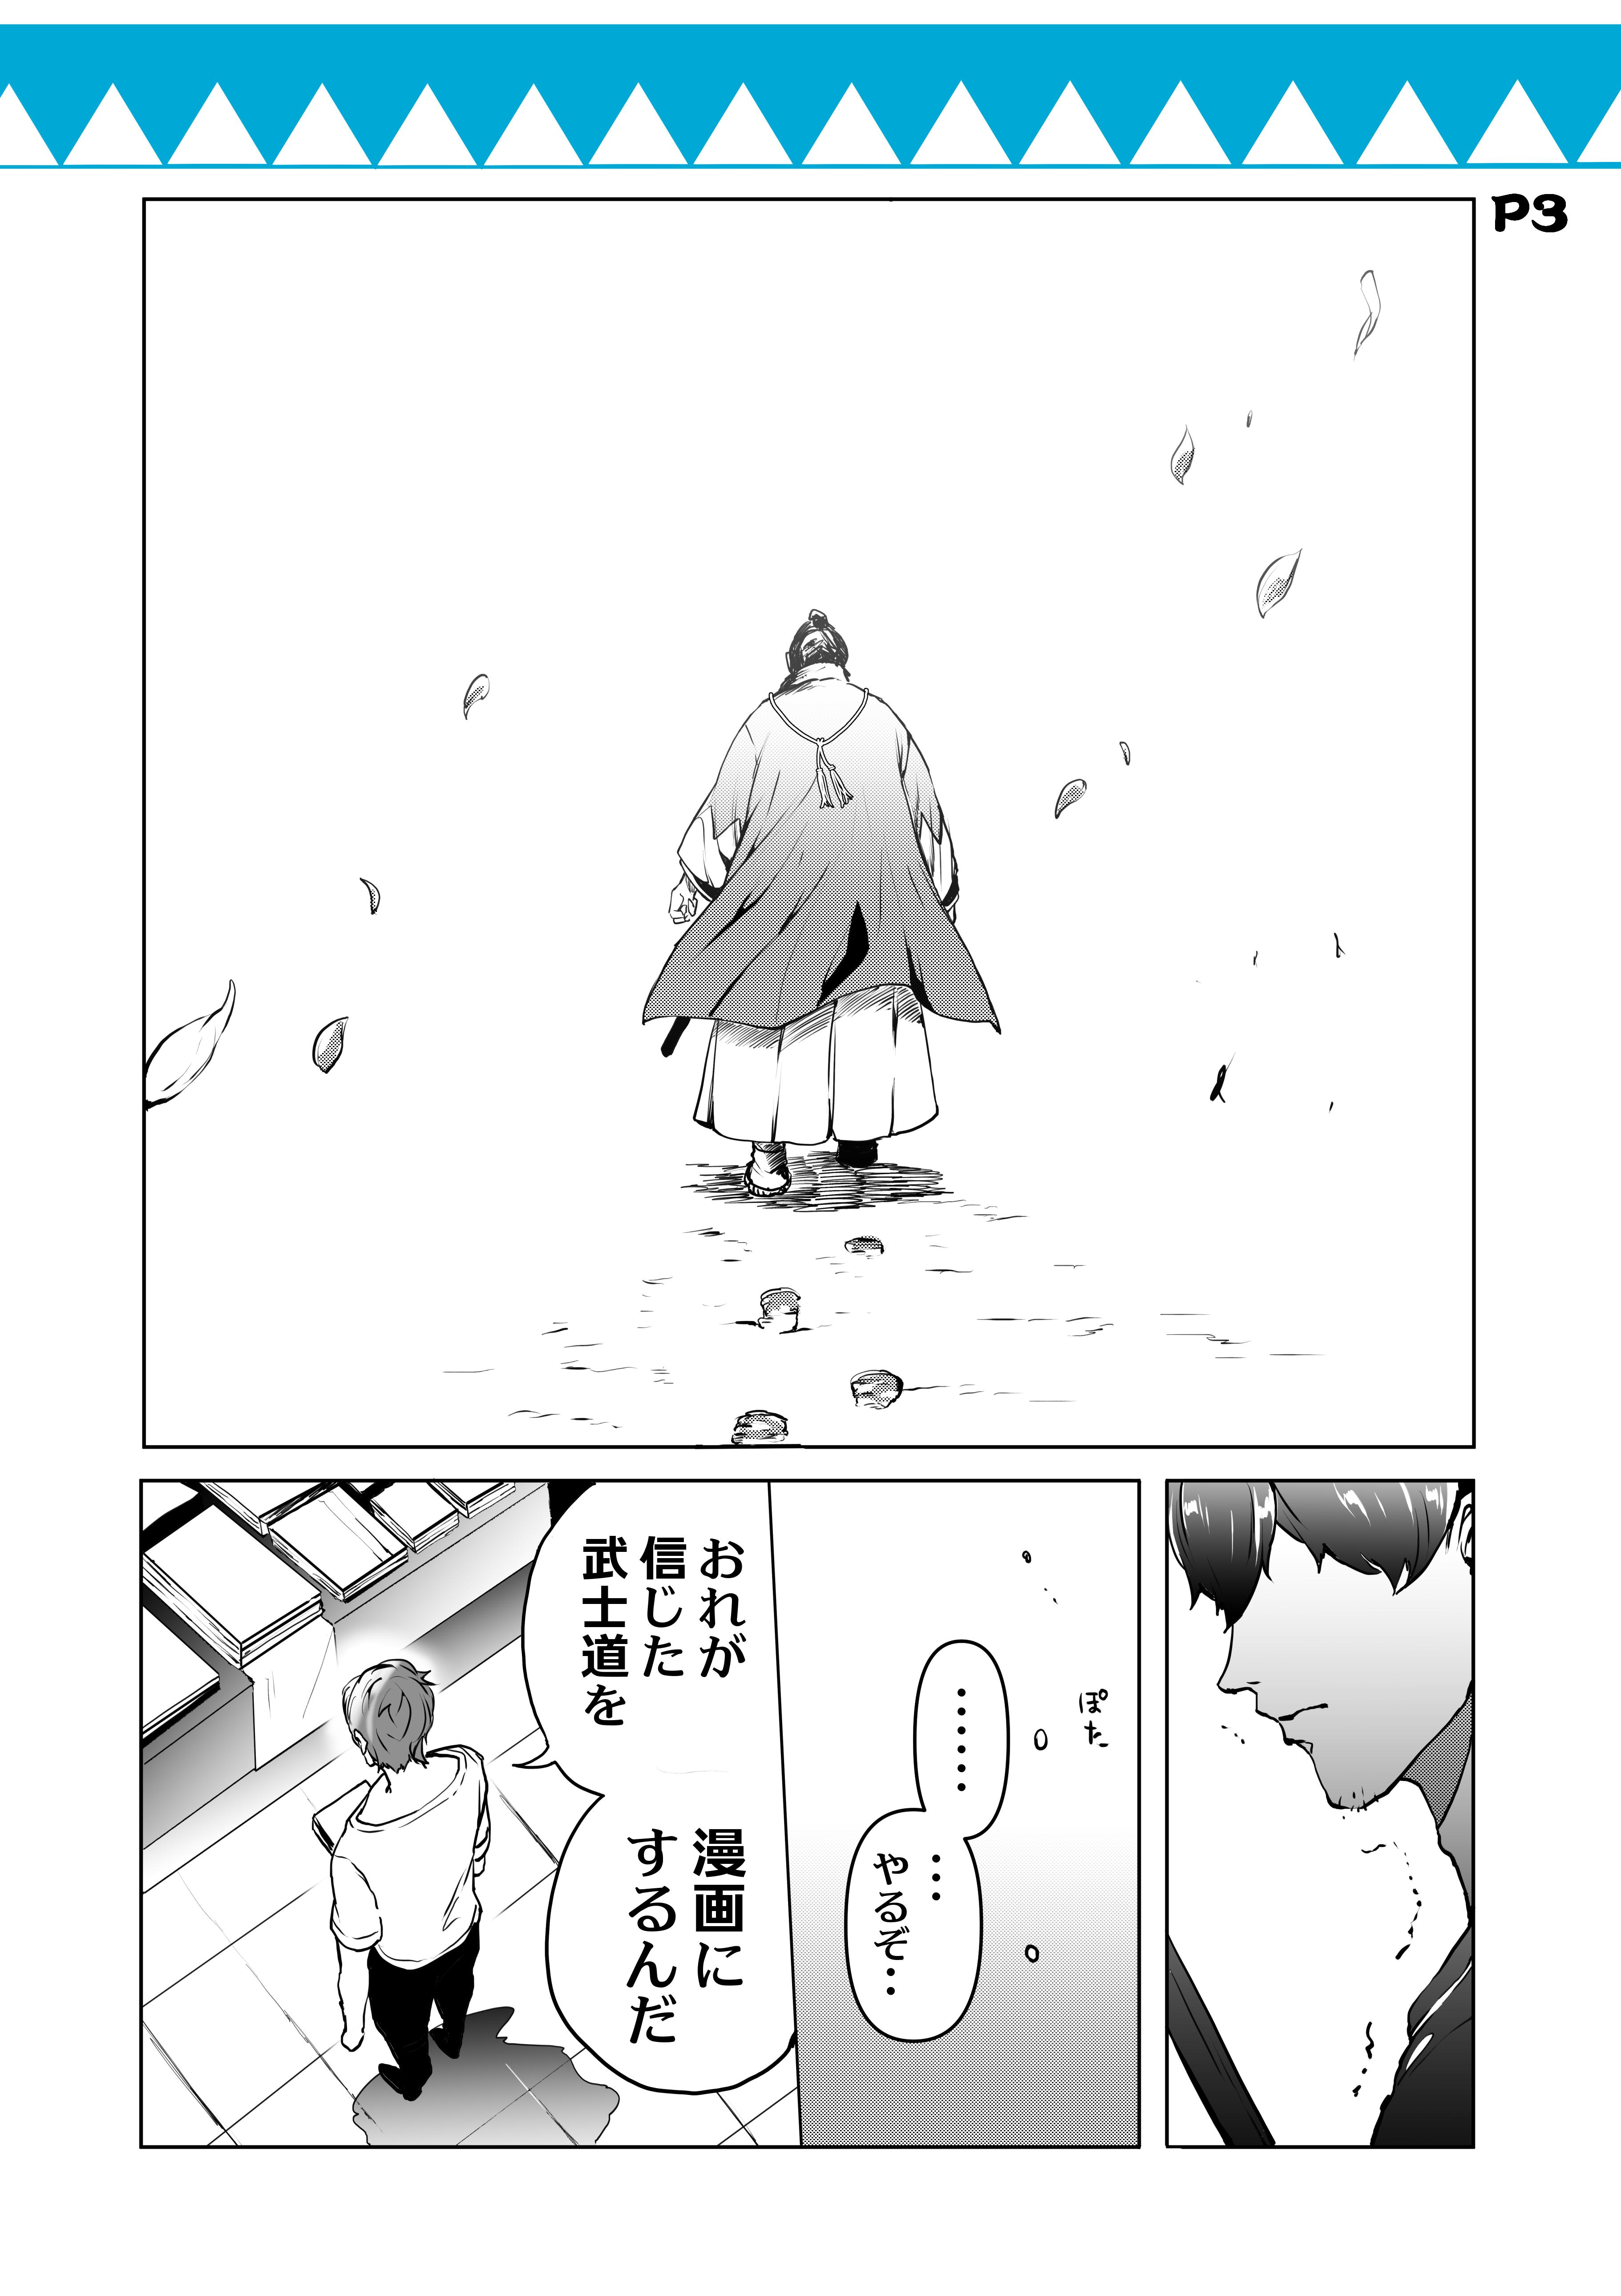 新選_0506_始動_003.png